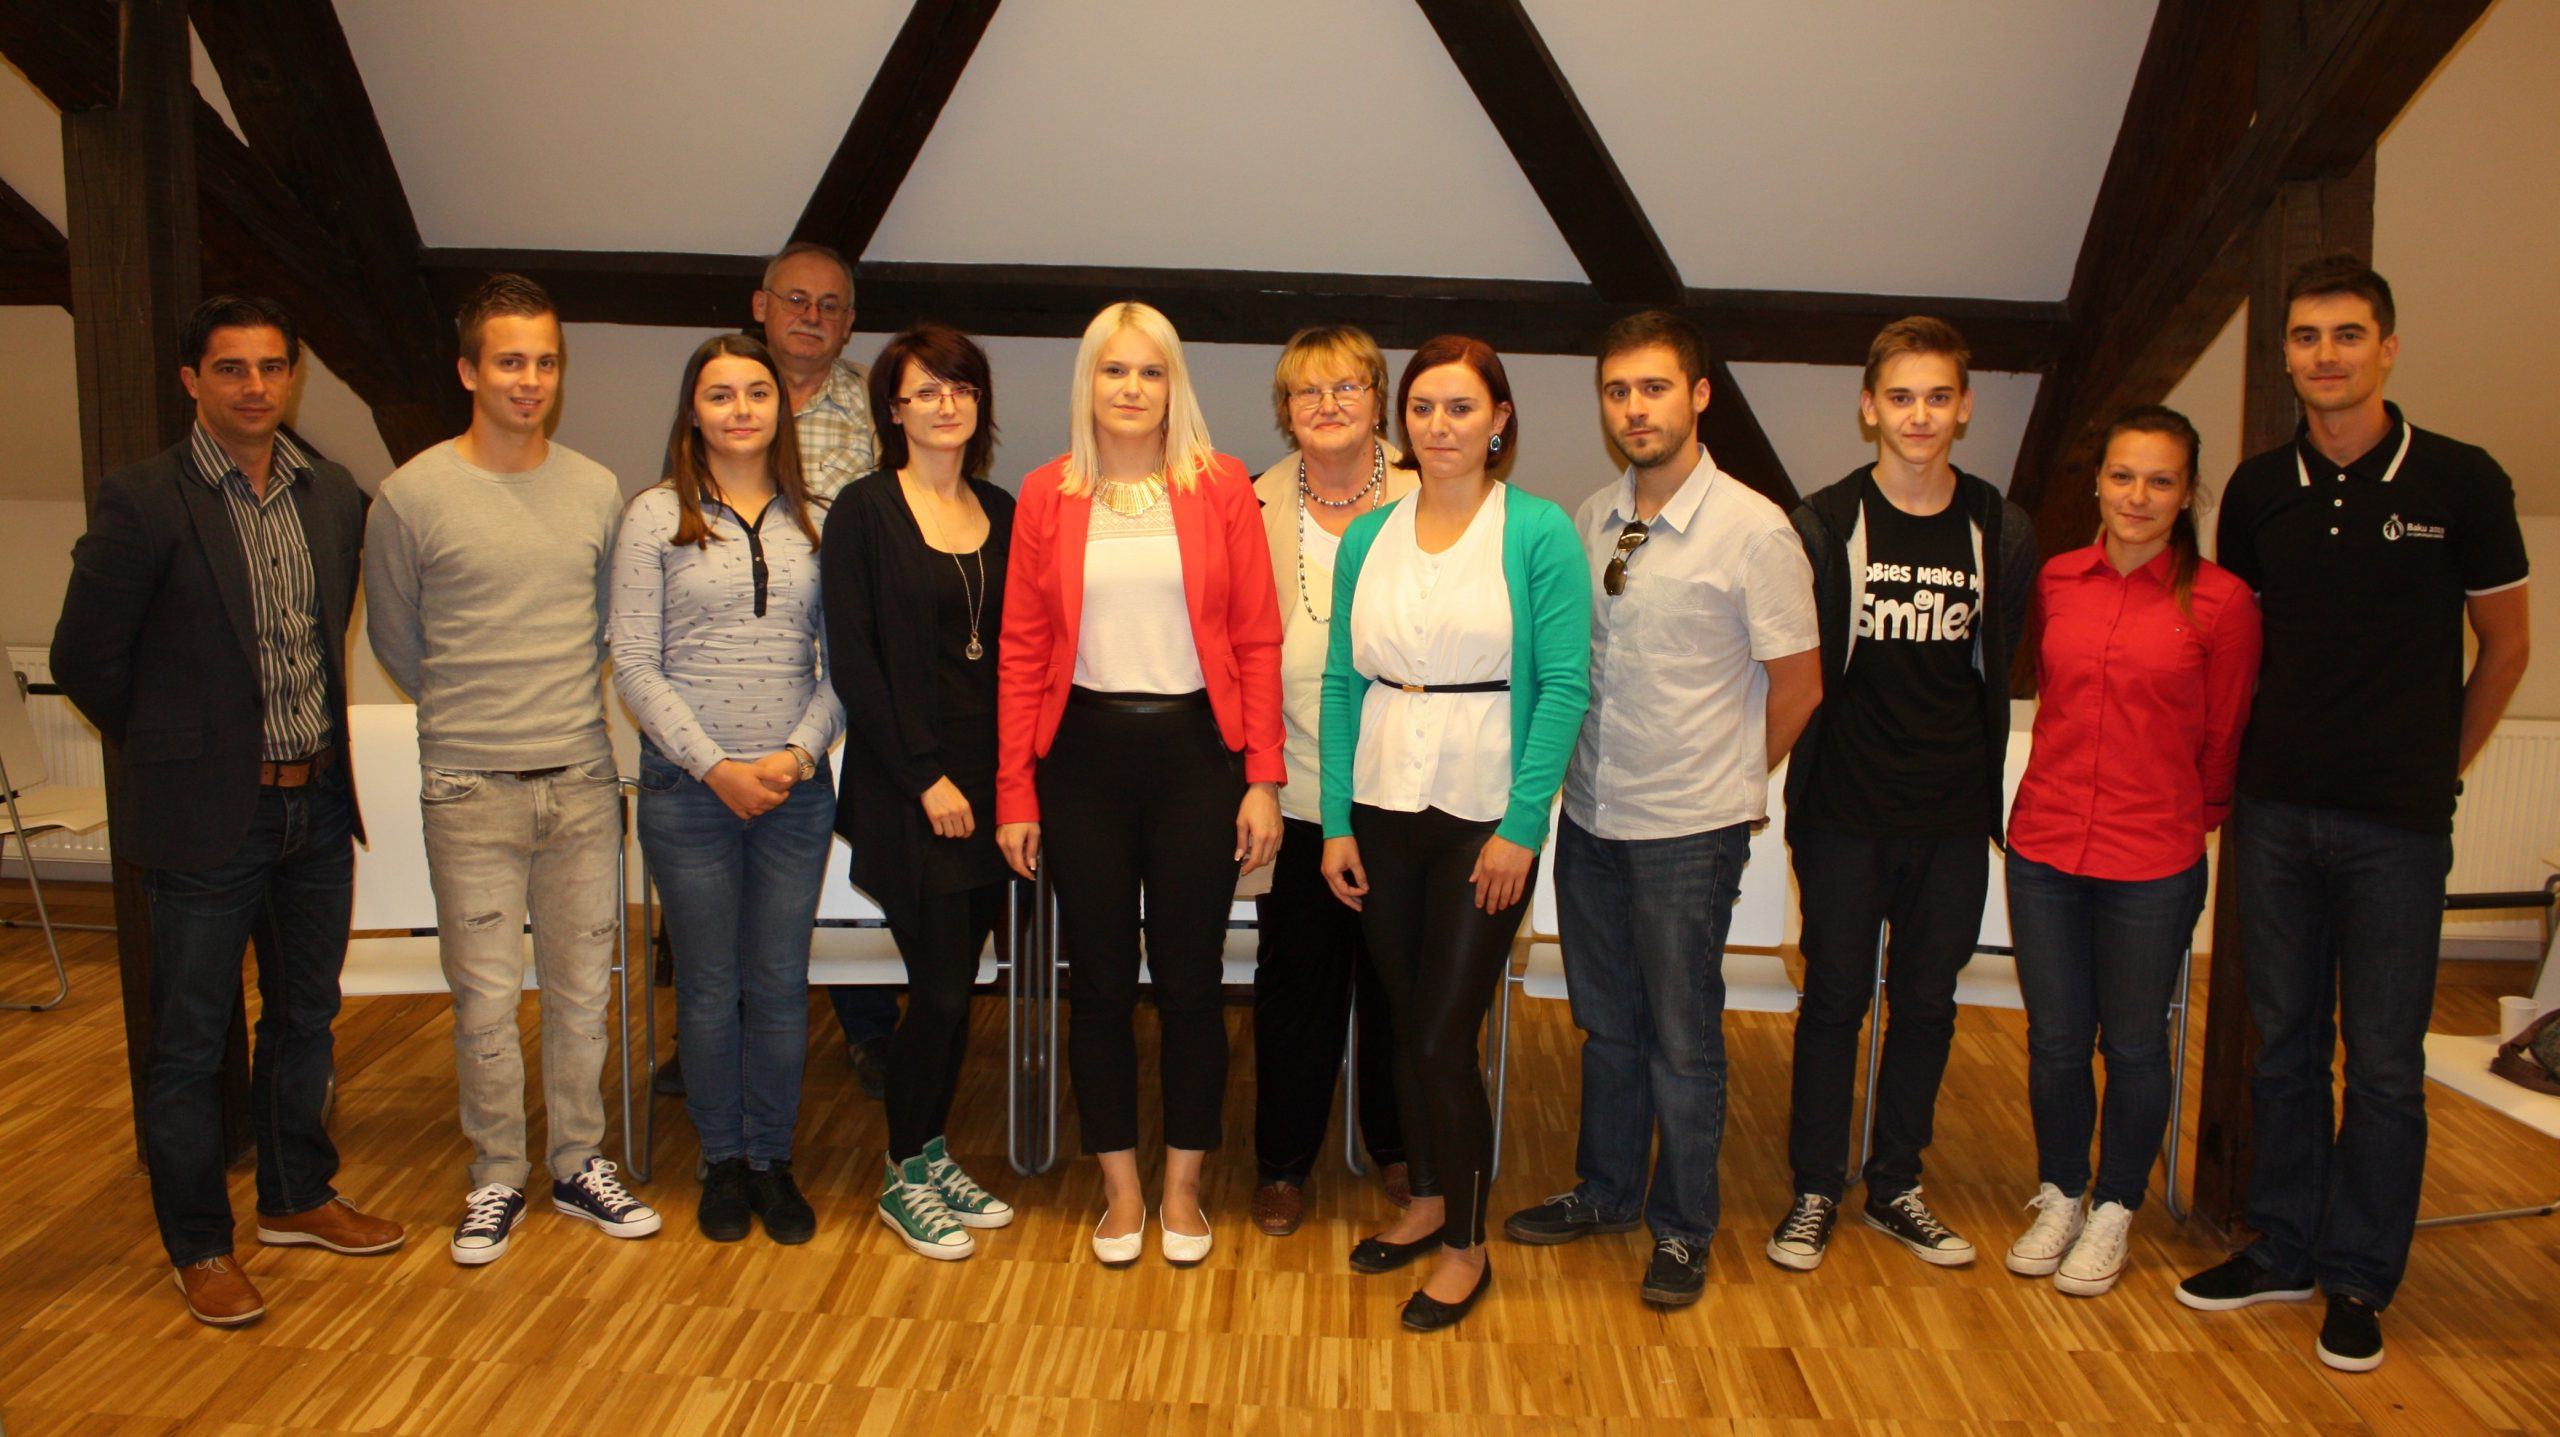 Četvrta sjednica Savjeta mladih Krapinsko-zagorske županije (III. saziv)